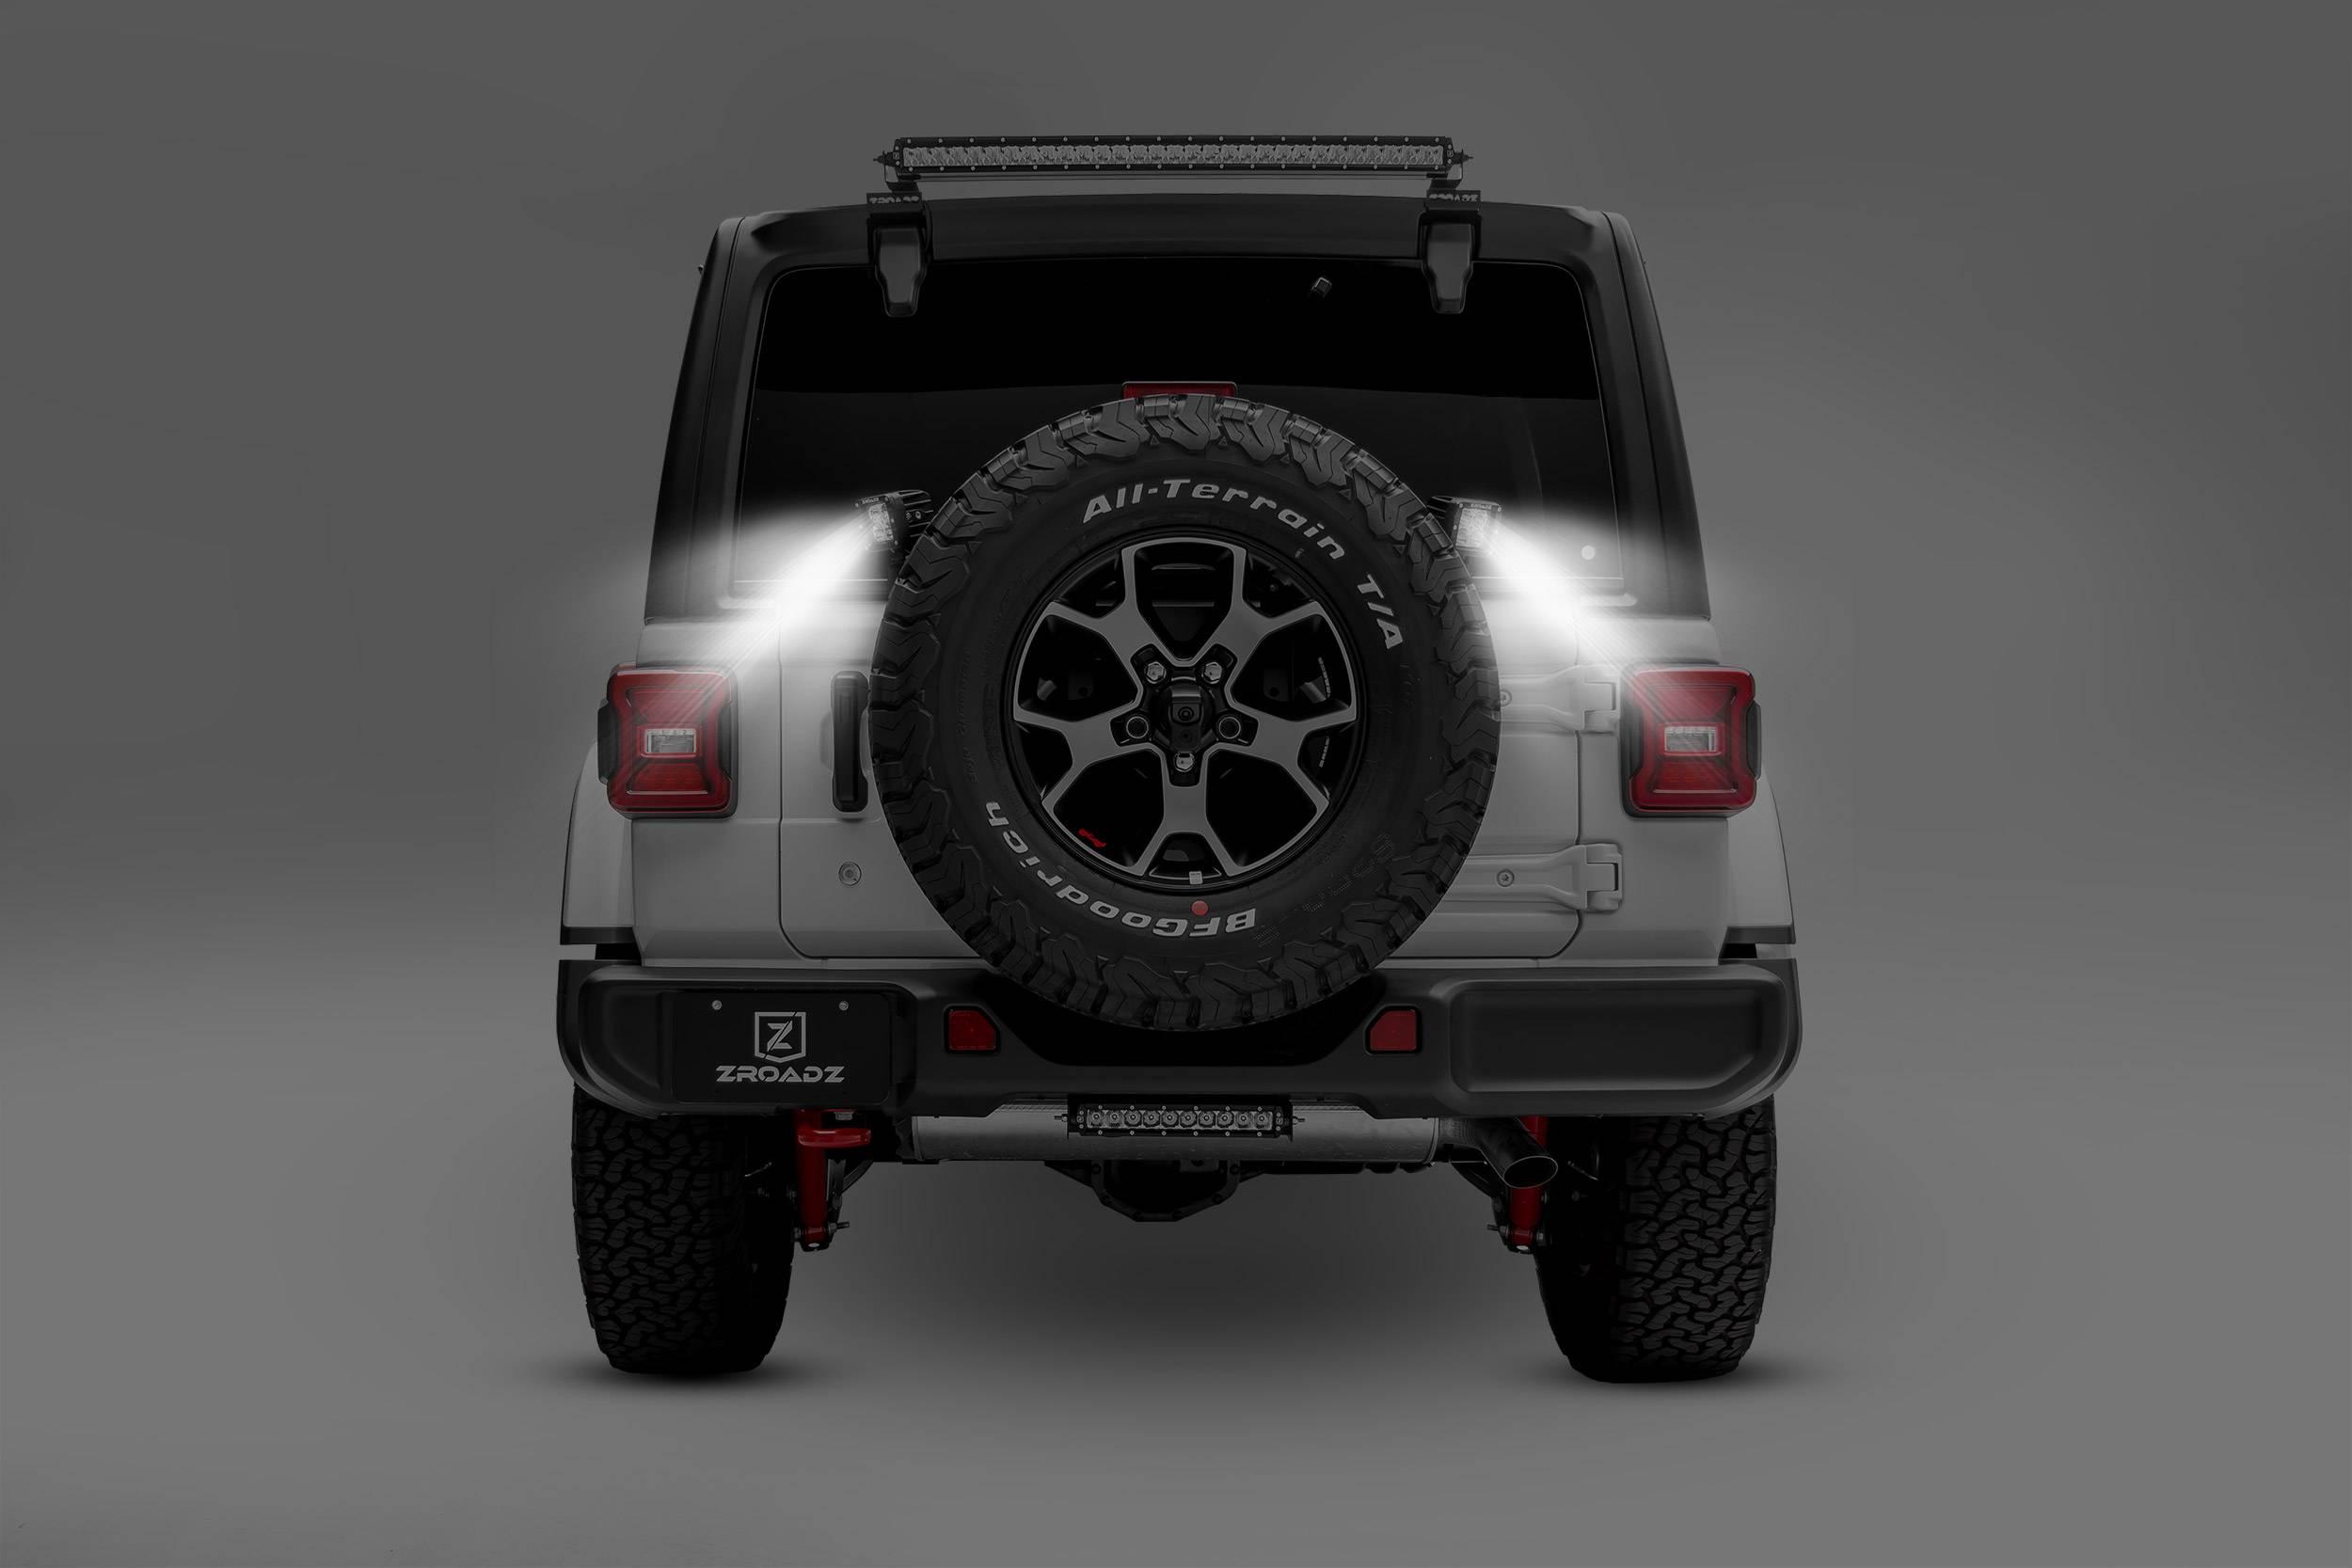 2018-2019 Jeep JL Rear Tire LED Kit, Incl. (2) 3 Inch LED Pod Lights - PN #Z394951-KIT